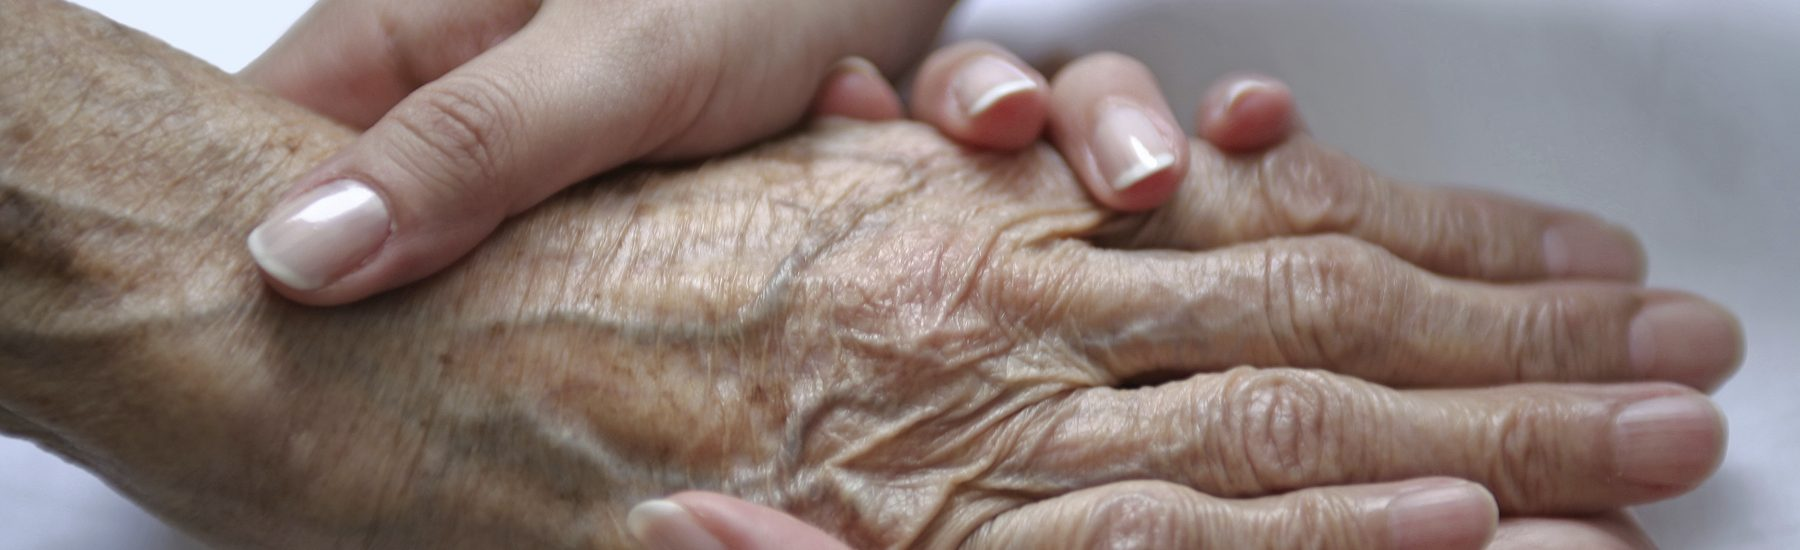 Cuidados Continuados e Cuidados Paliativos